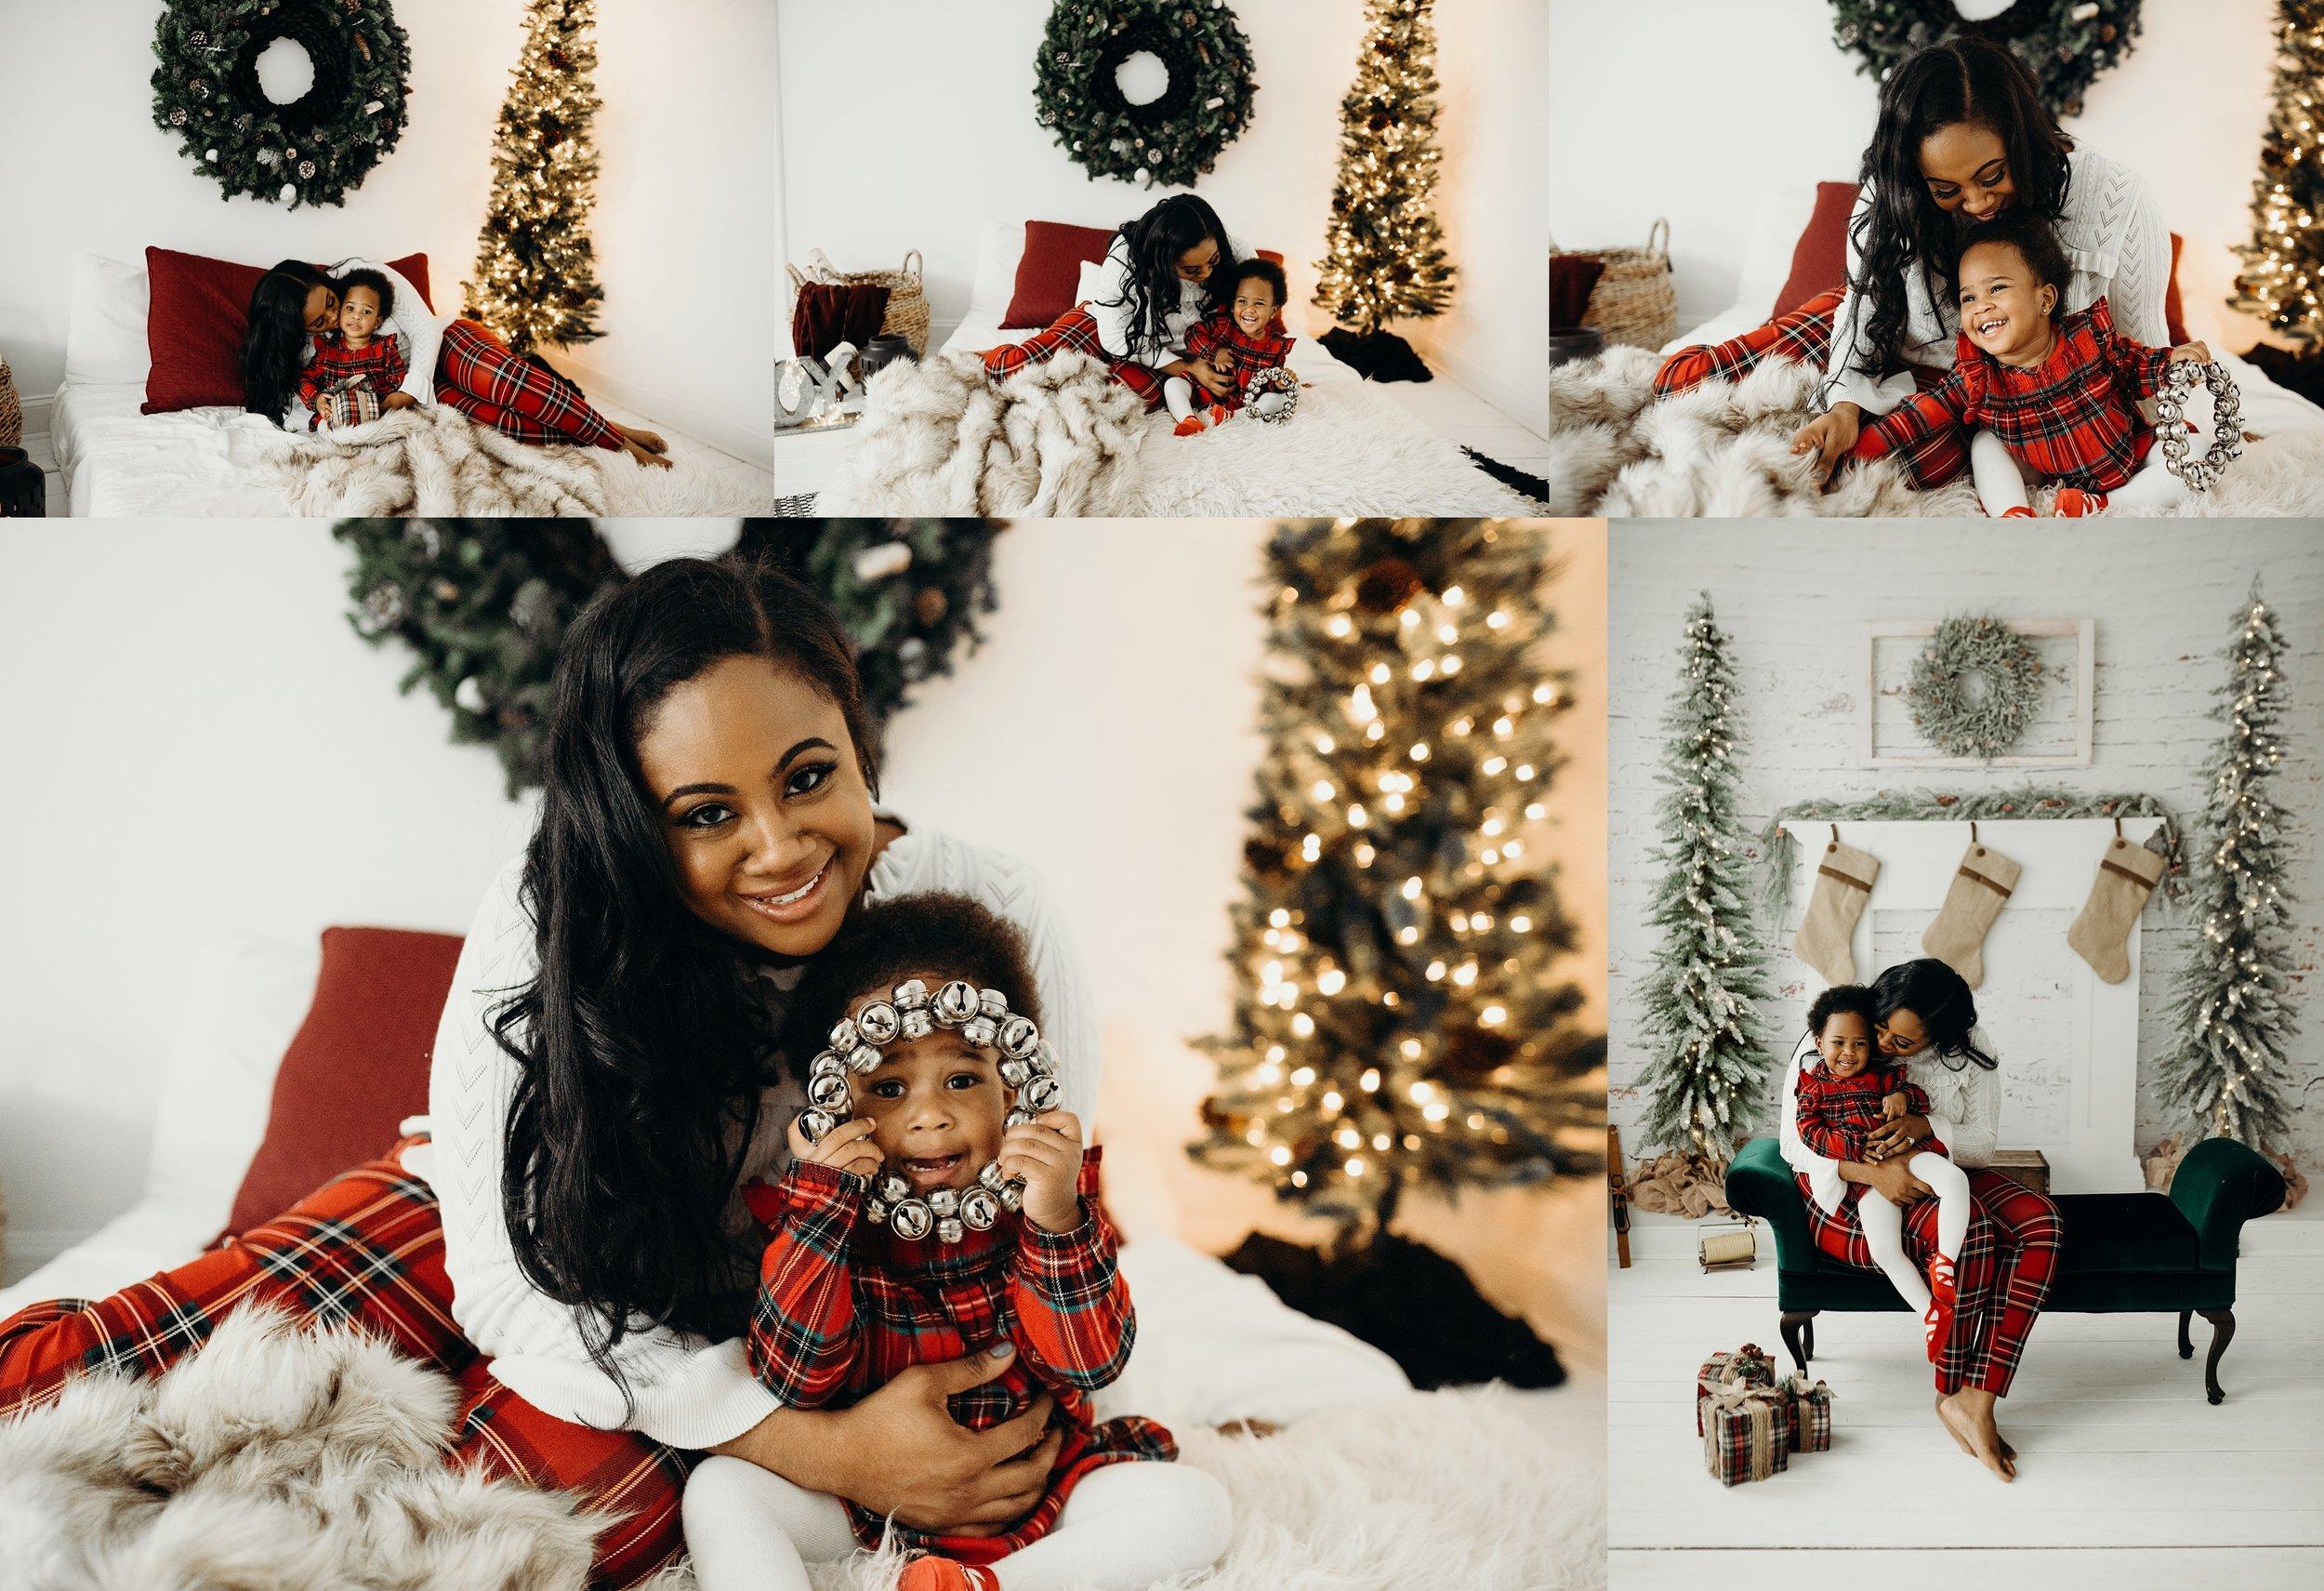 Mom and child Christmas photo